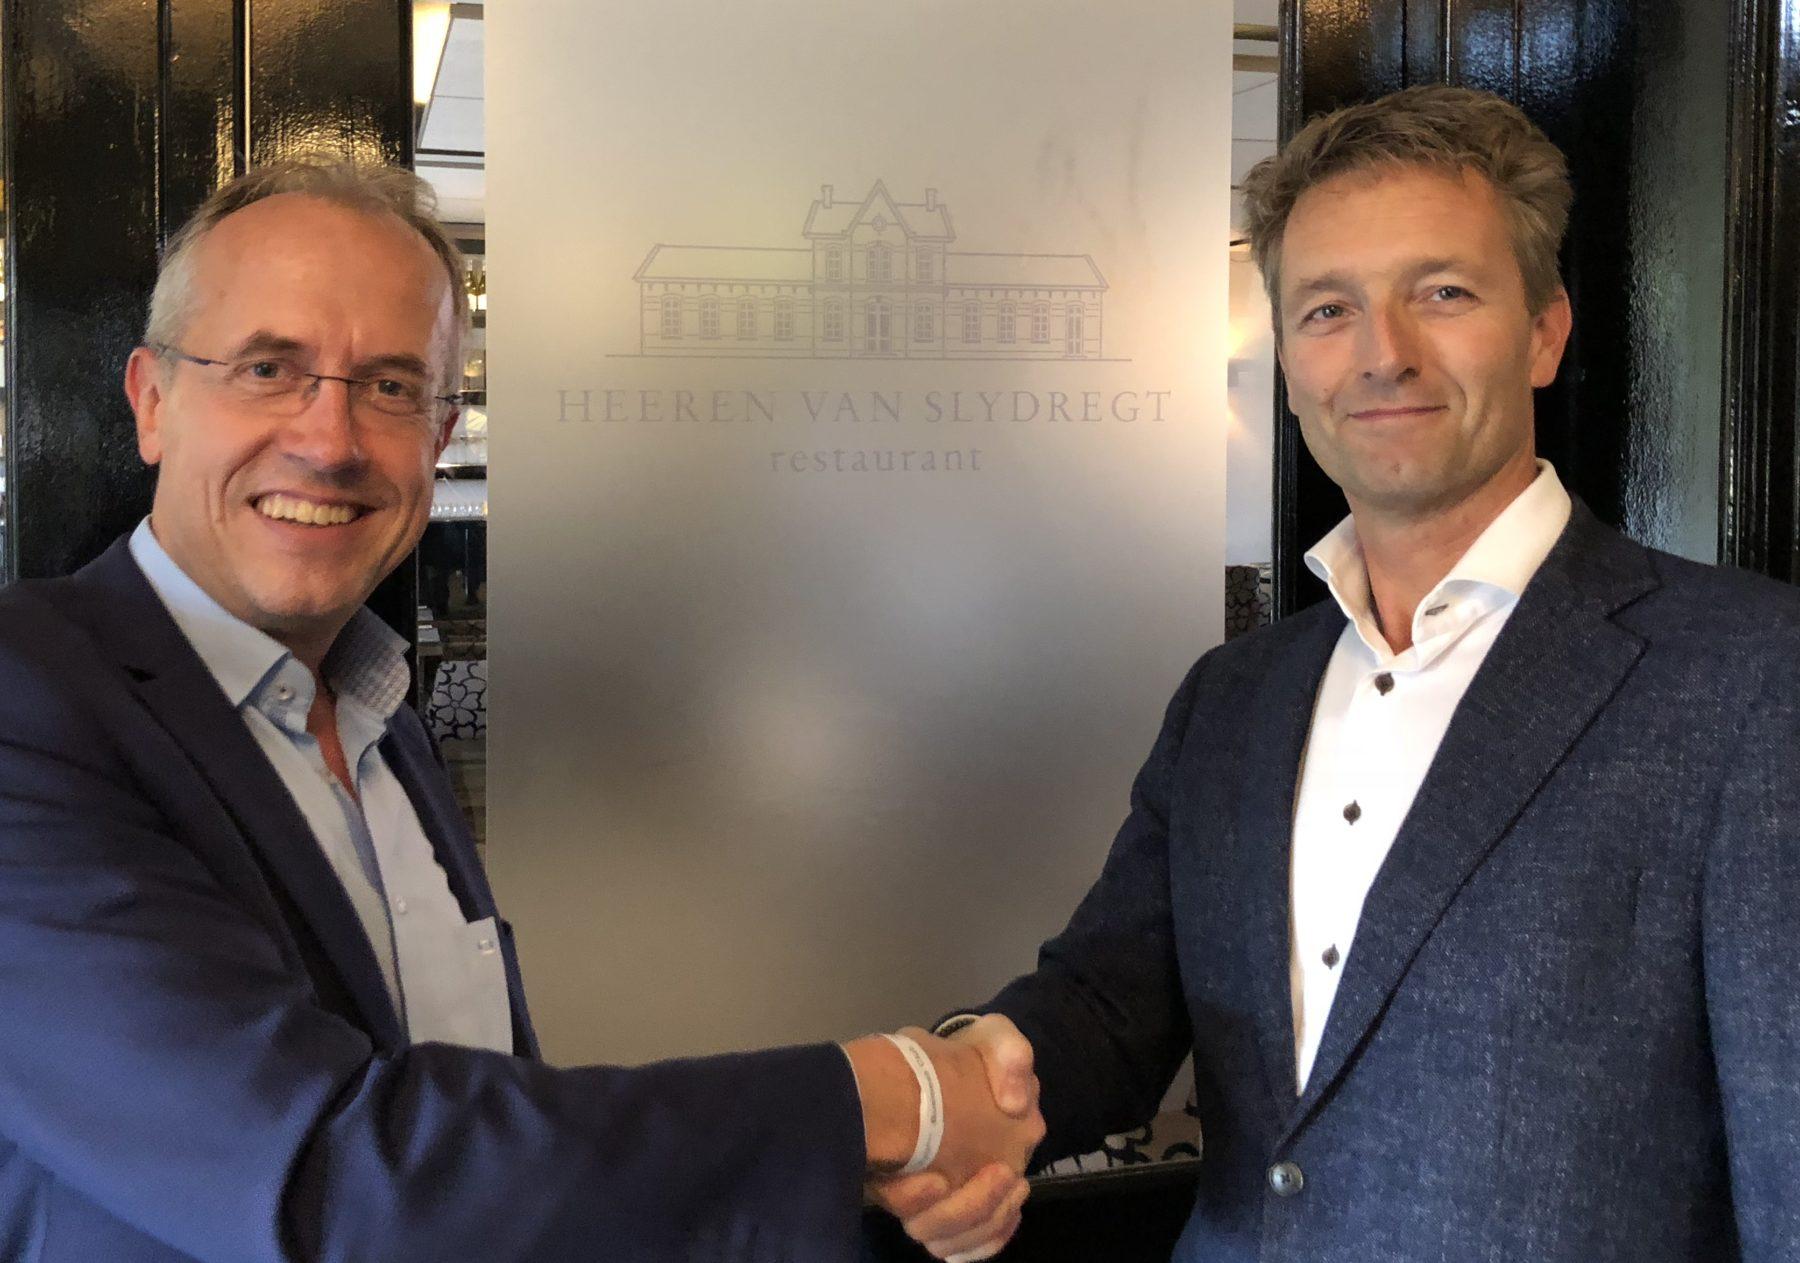 Heeren van Slydregt lid Business Club Sliedrecht Sport